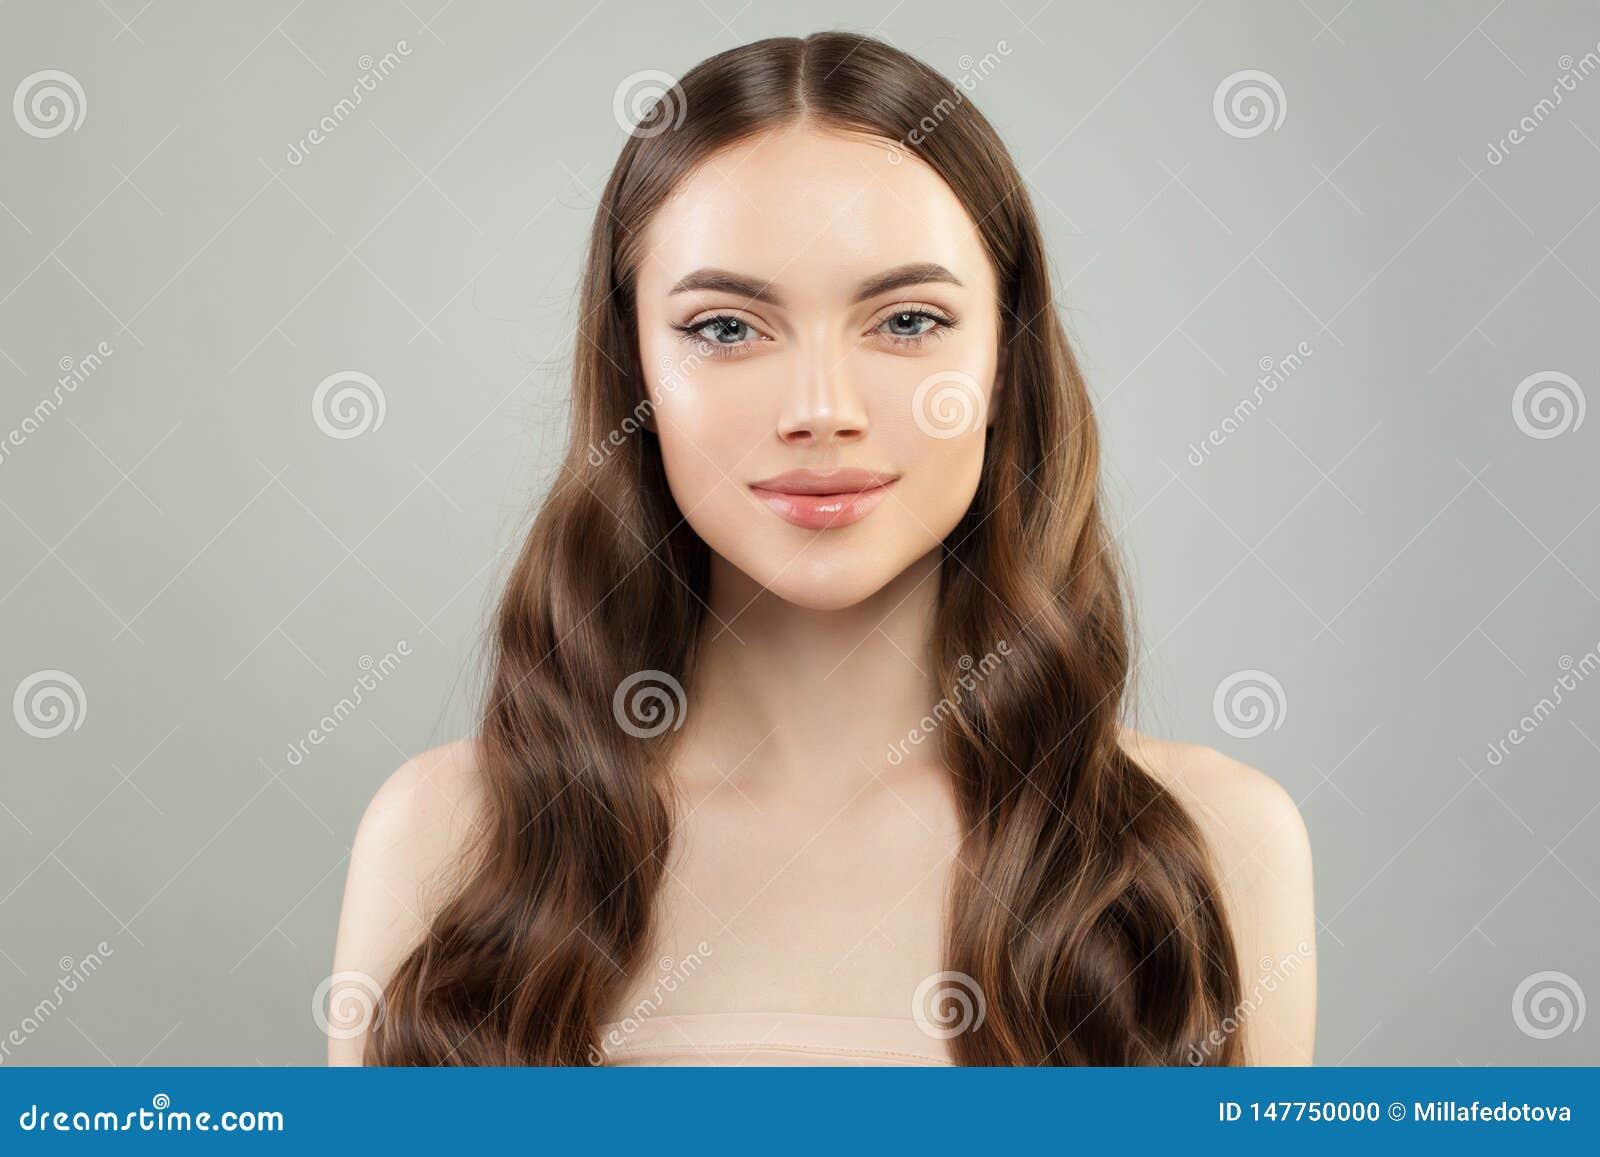 Mujer modelo sana con la piel clara y el pelo perfecto Retrato de la belleza del balneario